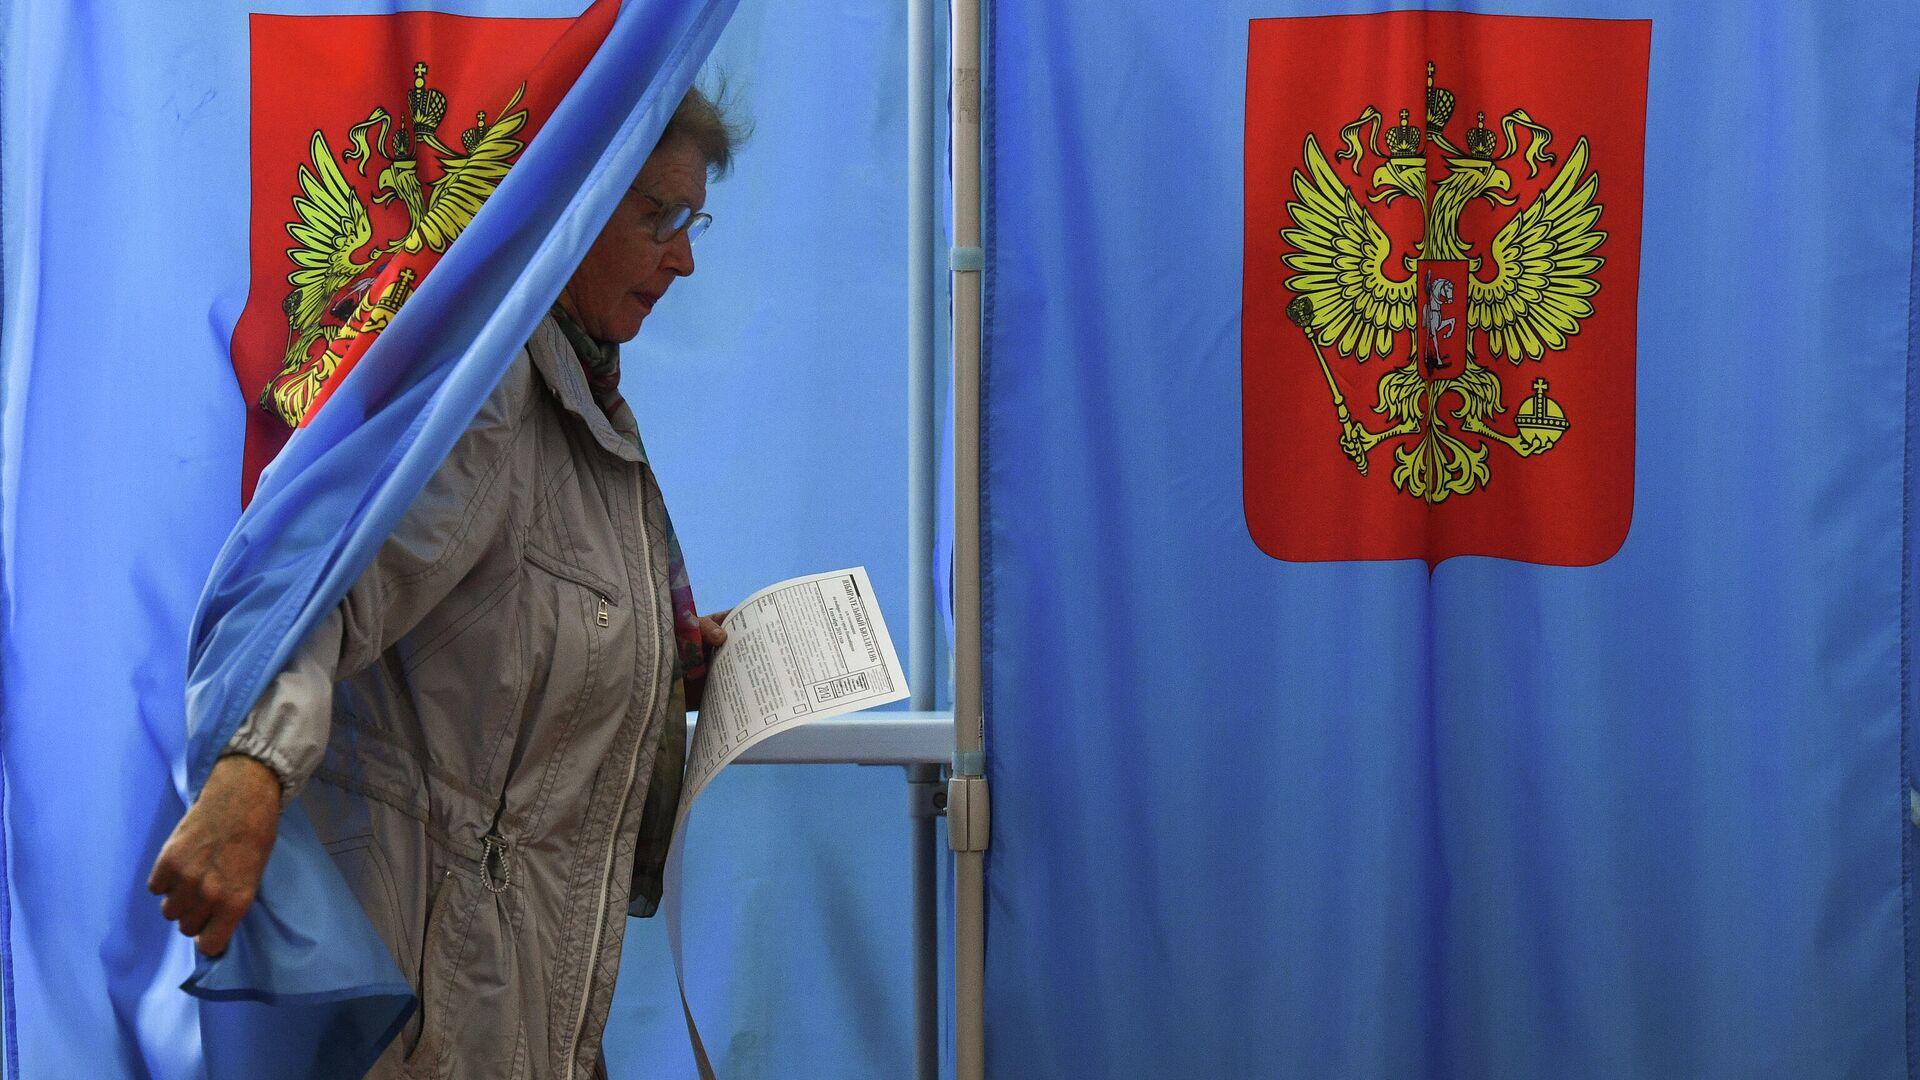 Единый день голосования в Новосибирске  - РИА Новости, 1920, 13.09.2020